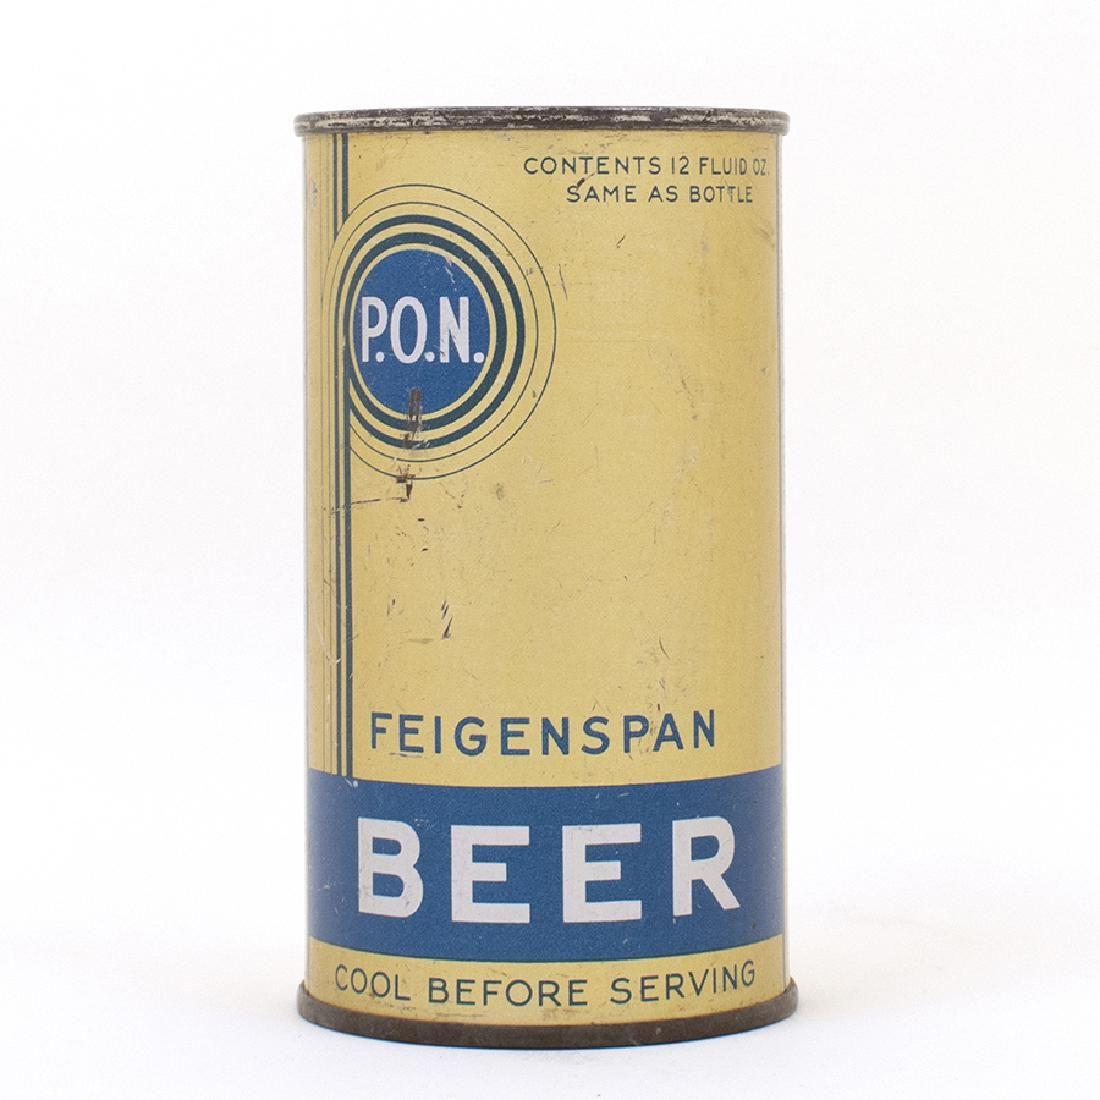 Feigenspan PON Beer Long Opener Can